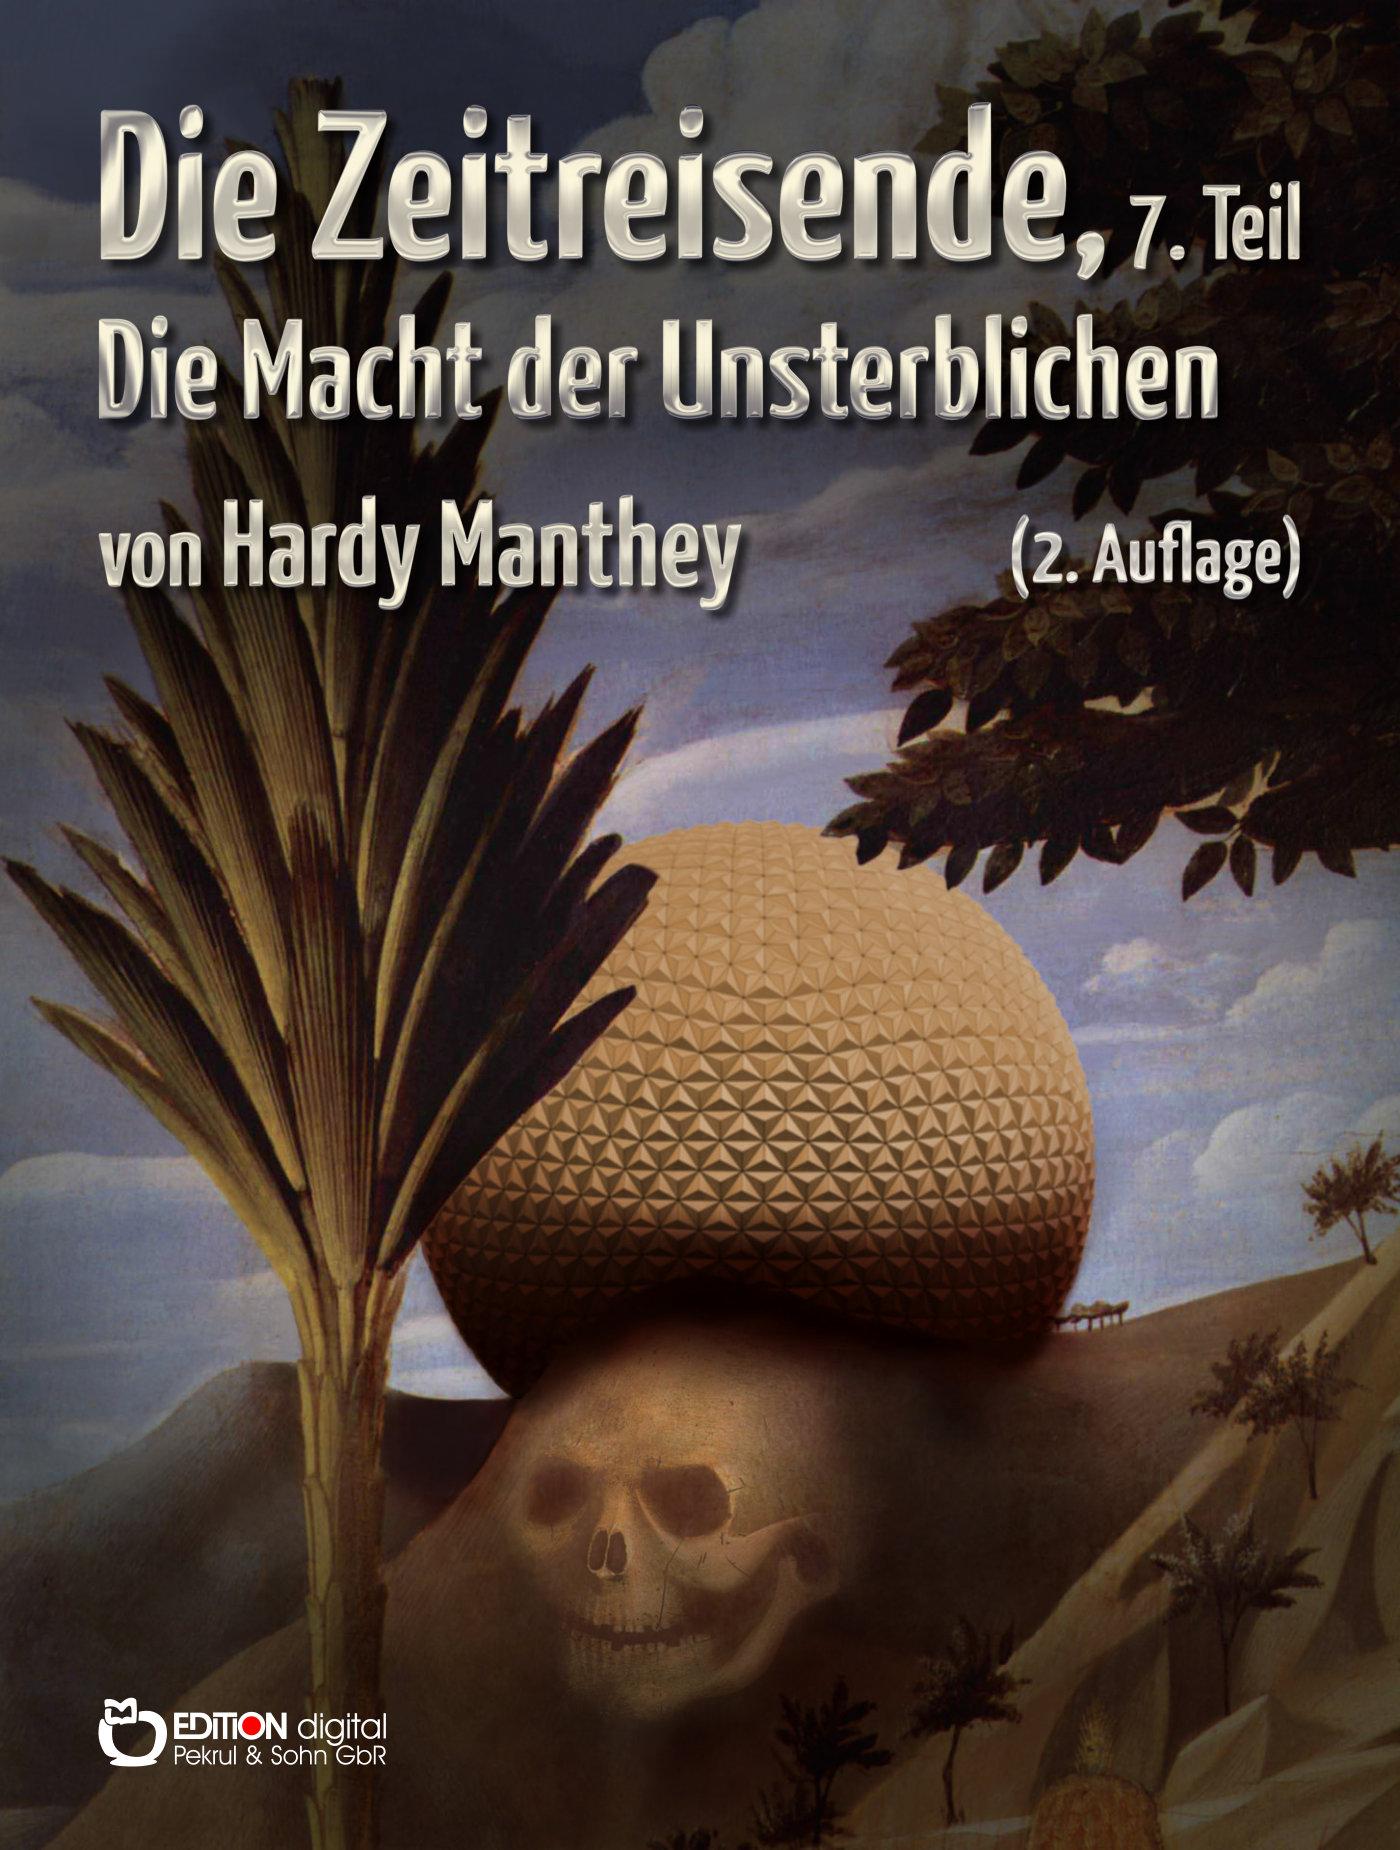 Die Zeitreisende, 7. Teil. Die Macht der Unsterblichen von Hardy Manthey